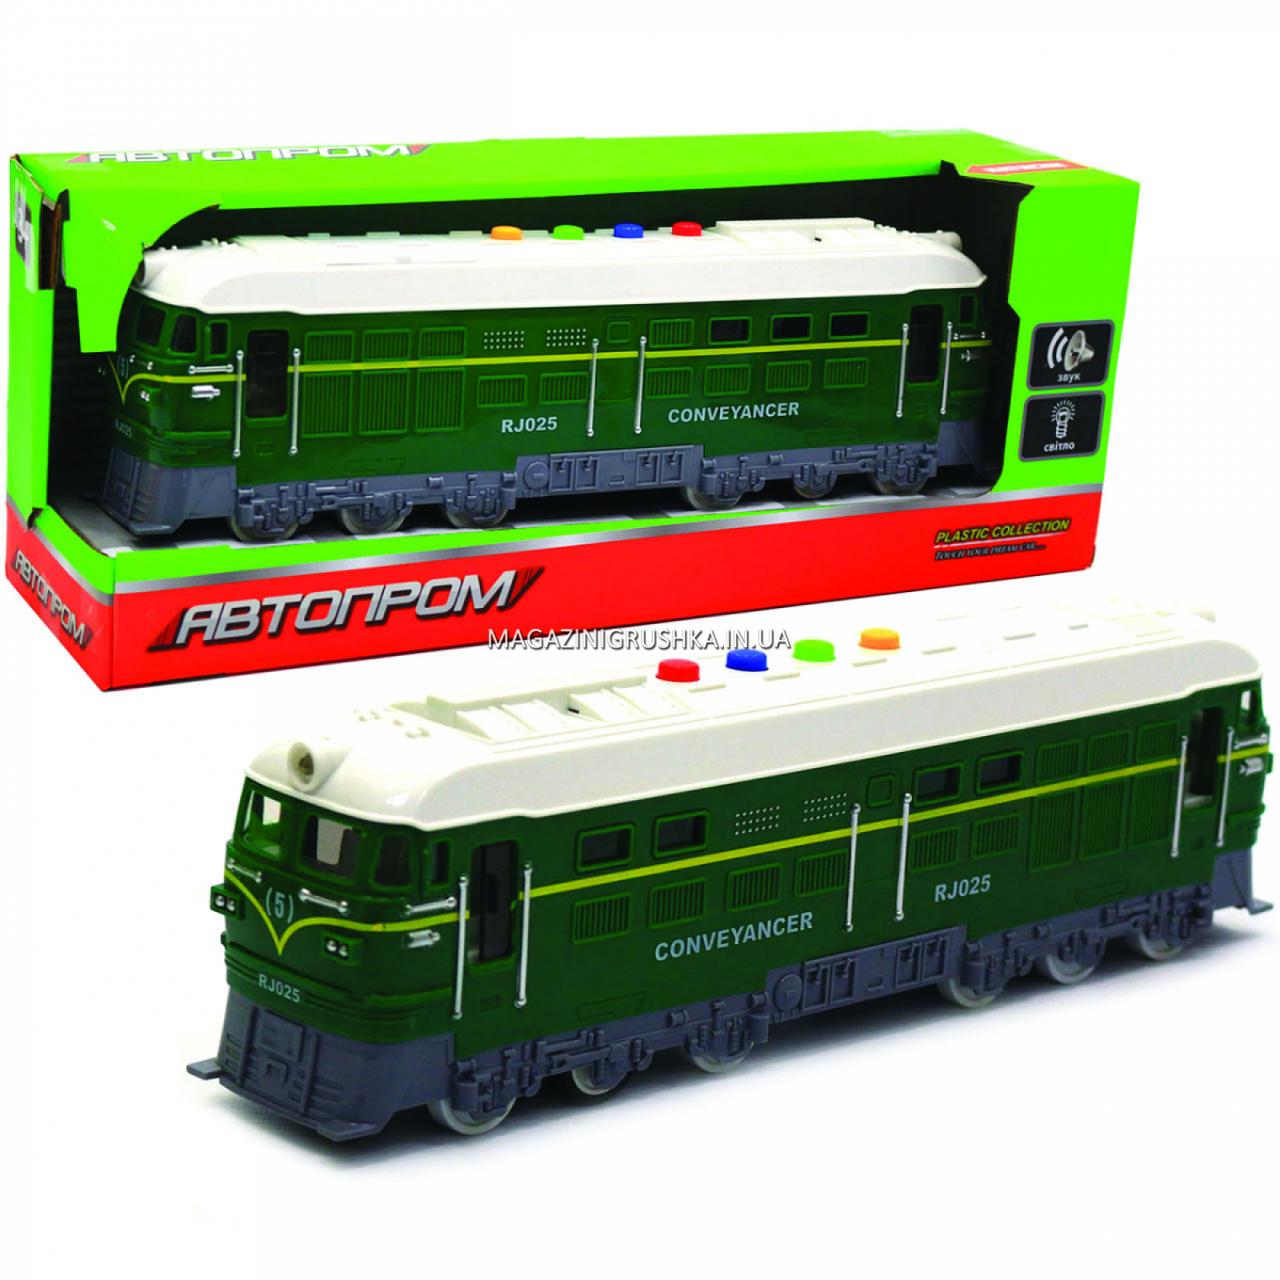 Поїзд Автопром зелений, пластик, 35 см (звук, світло) 7792B